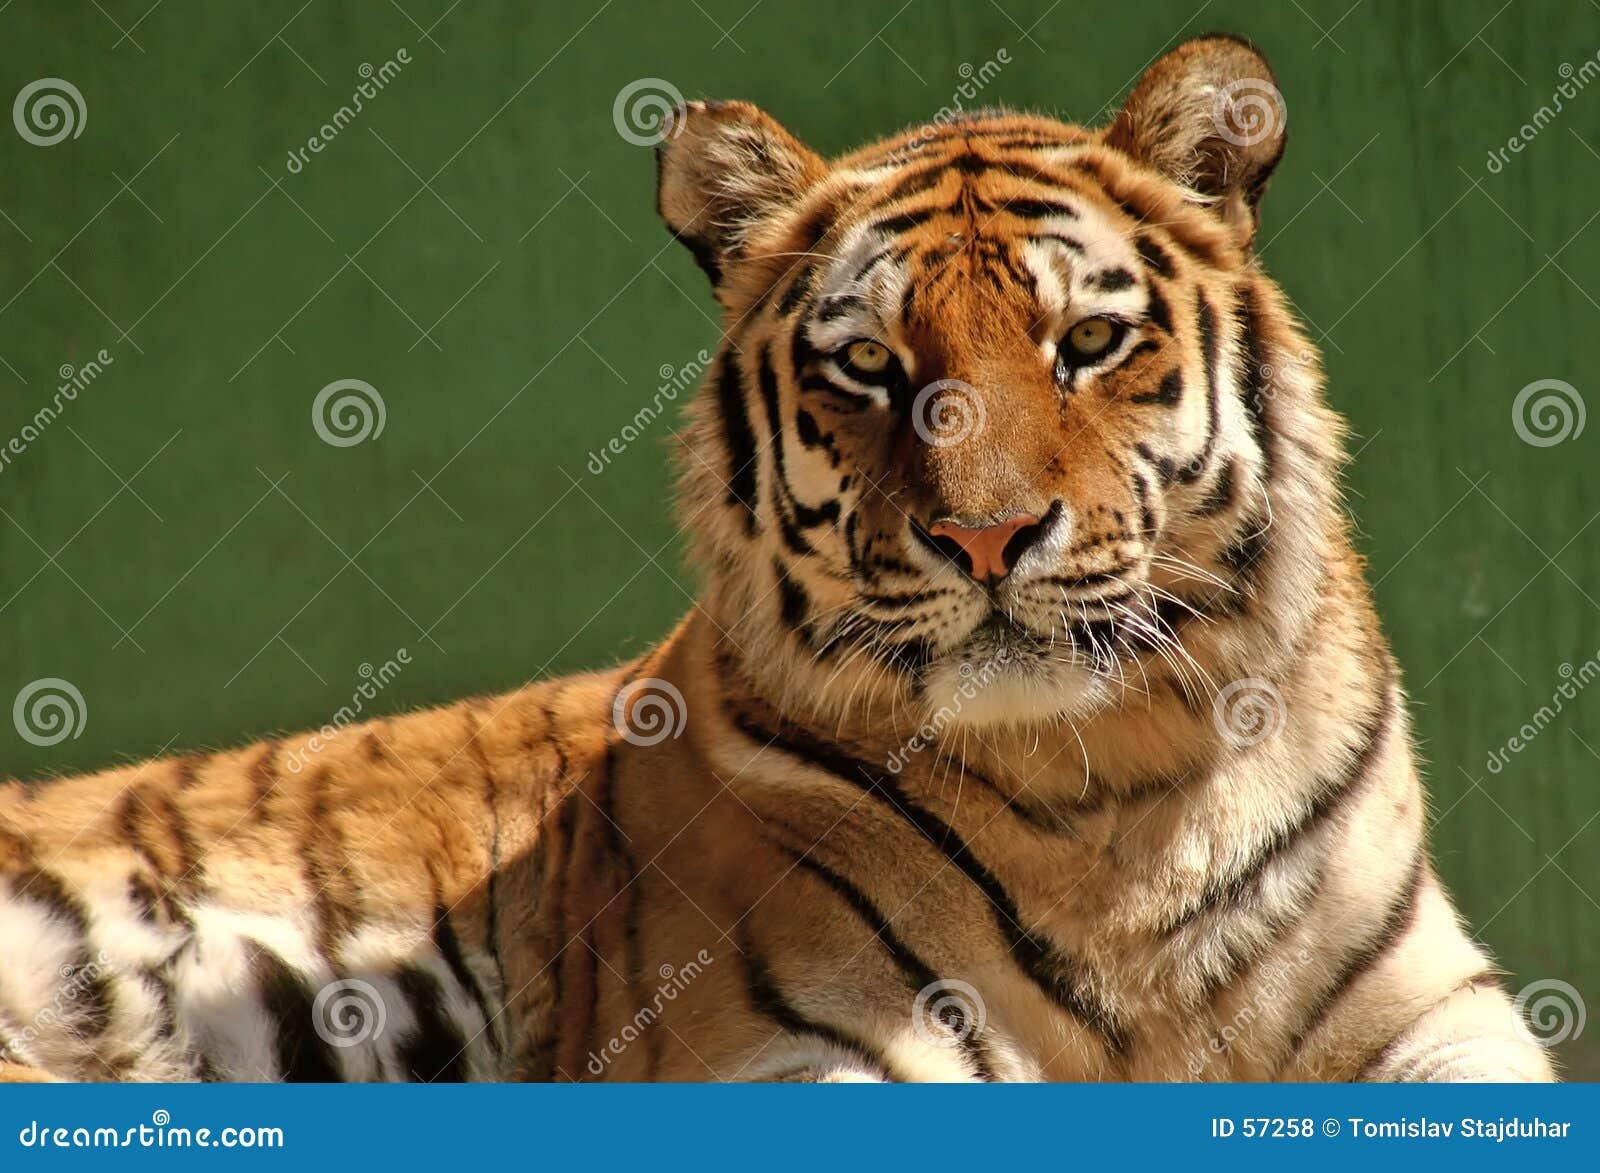 Tigerportrait